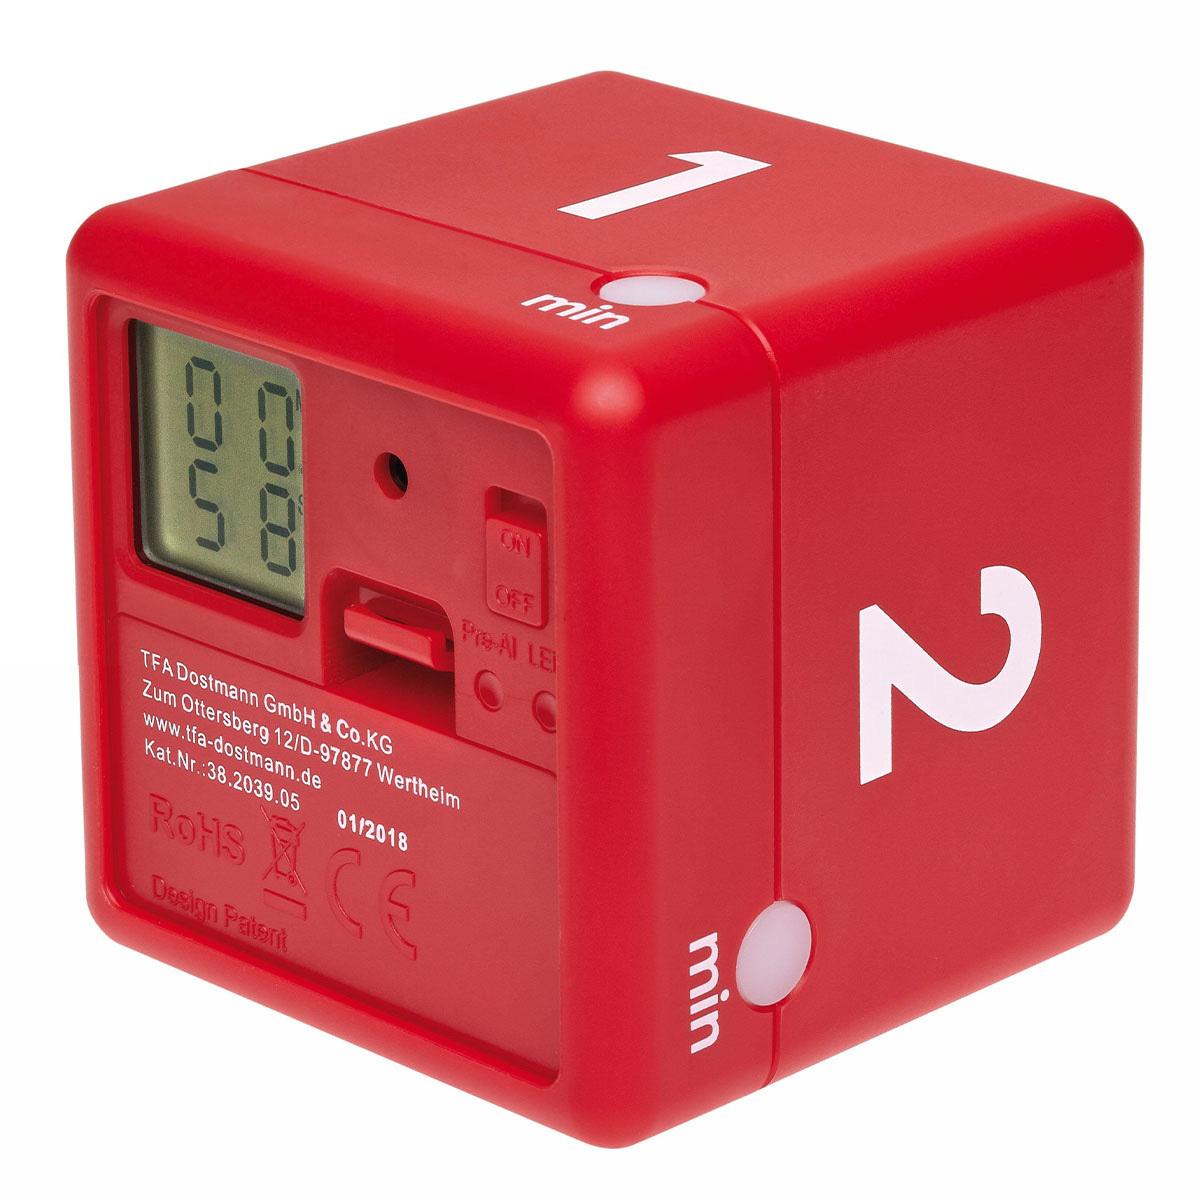 38-2039-05-digitaler-würfel-timer-cube-timer-anwendung-1200x1200px.jpg